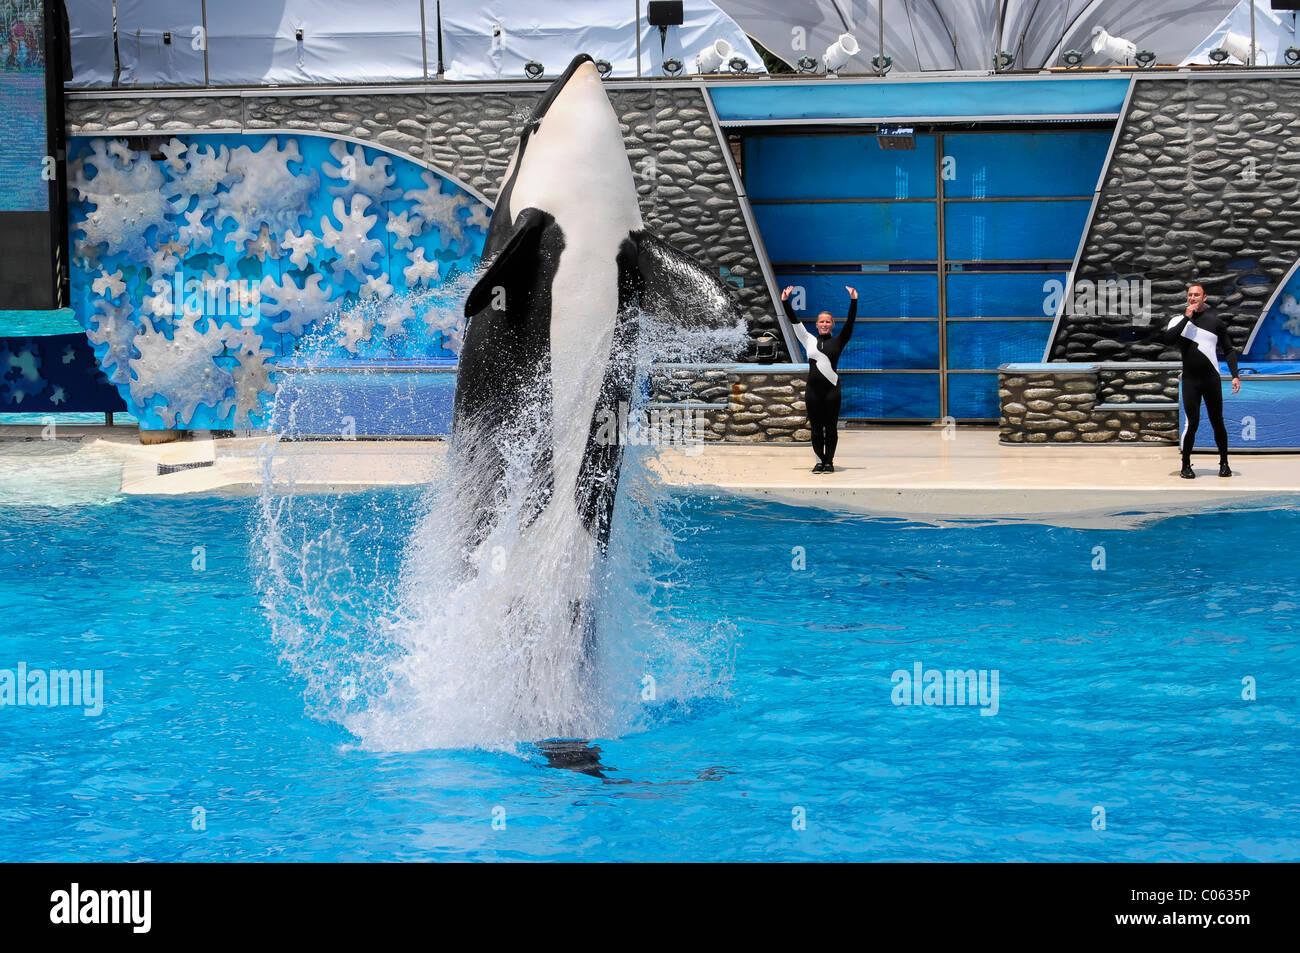 Trained Orca or Killer Whale (Orcinus orca), Shamu Stadium, SeaWorld, San Diego, California, USA - Stock Image